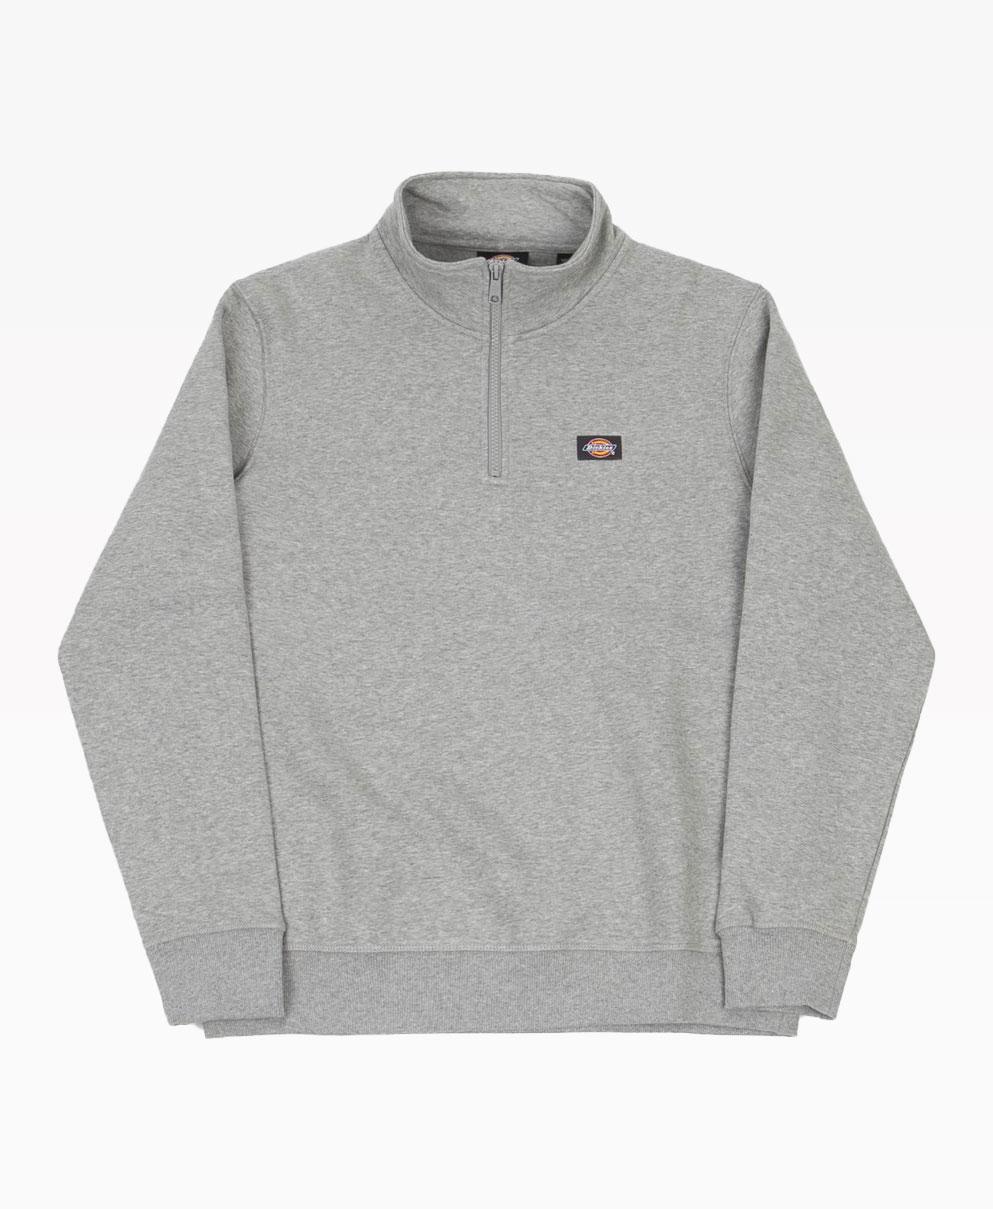 Dickies Oakport Quarter Zip Sweater Grey Front